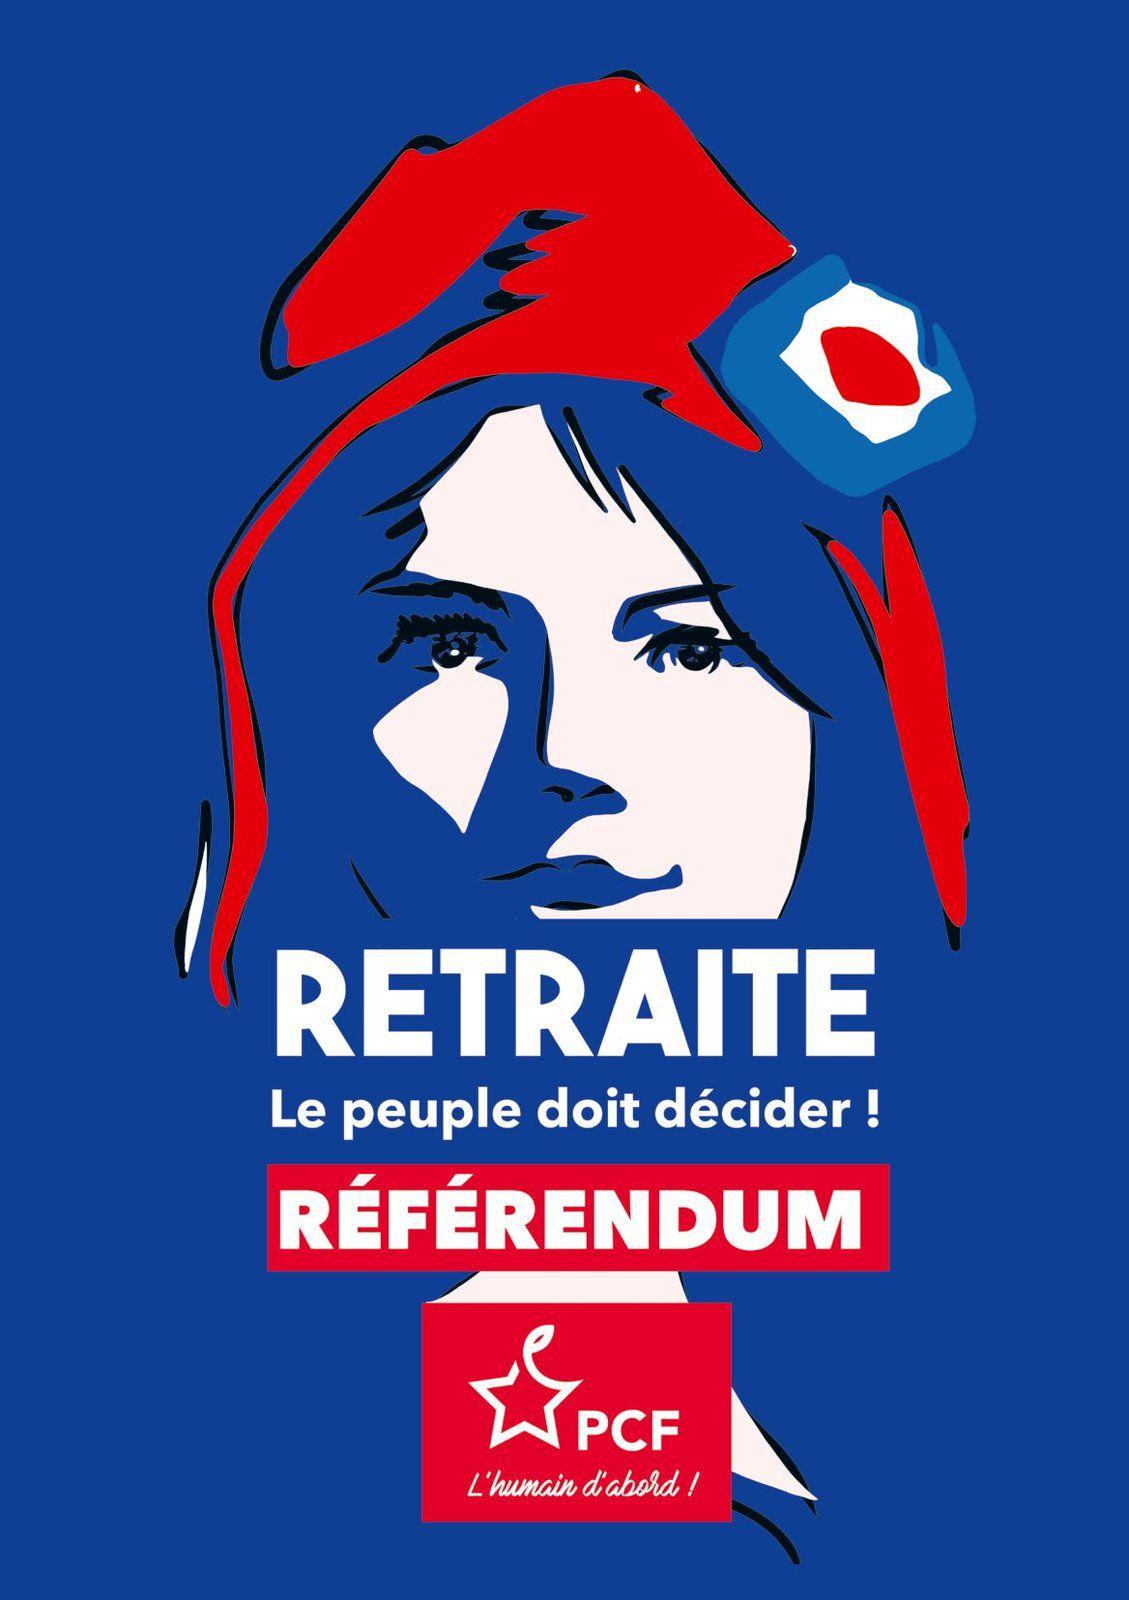 Recours au 49-3 : Non au coup de force, oui à un référendum (PCF)